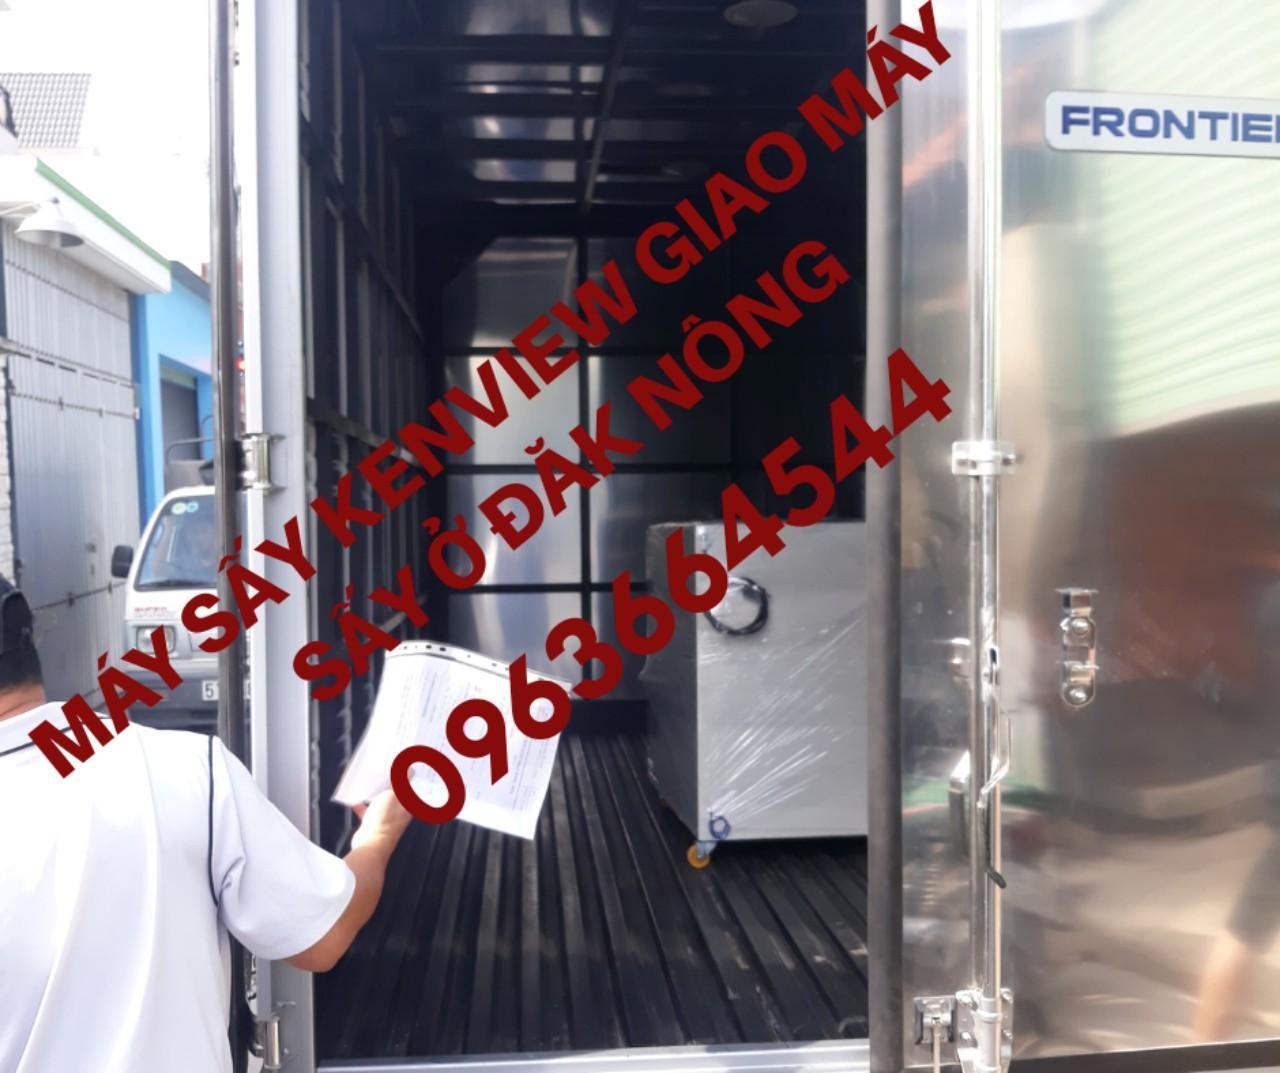 Cung cấp máy sấy nông sản, thực phẩm, trái cây ở Đăk Nông 0963664544